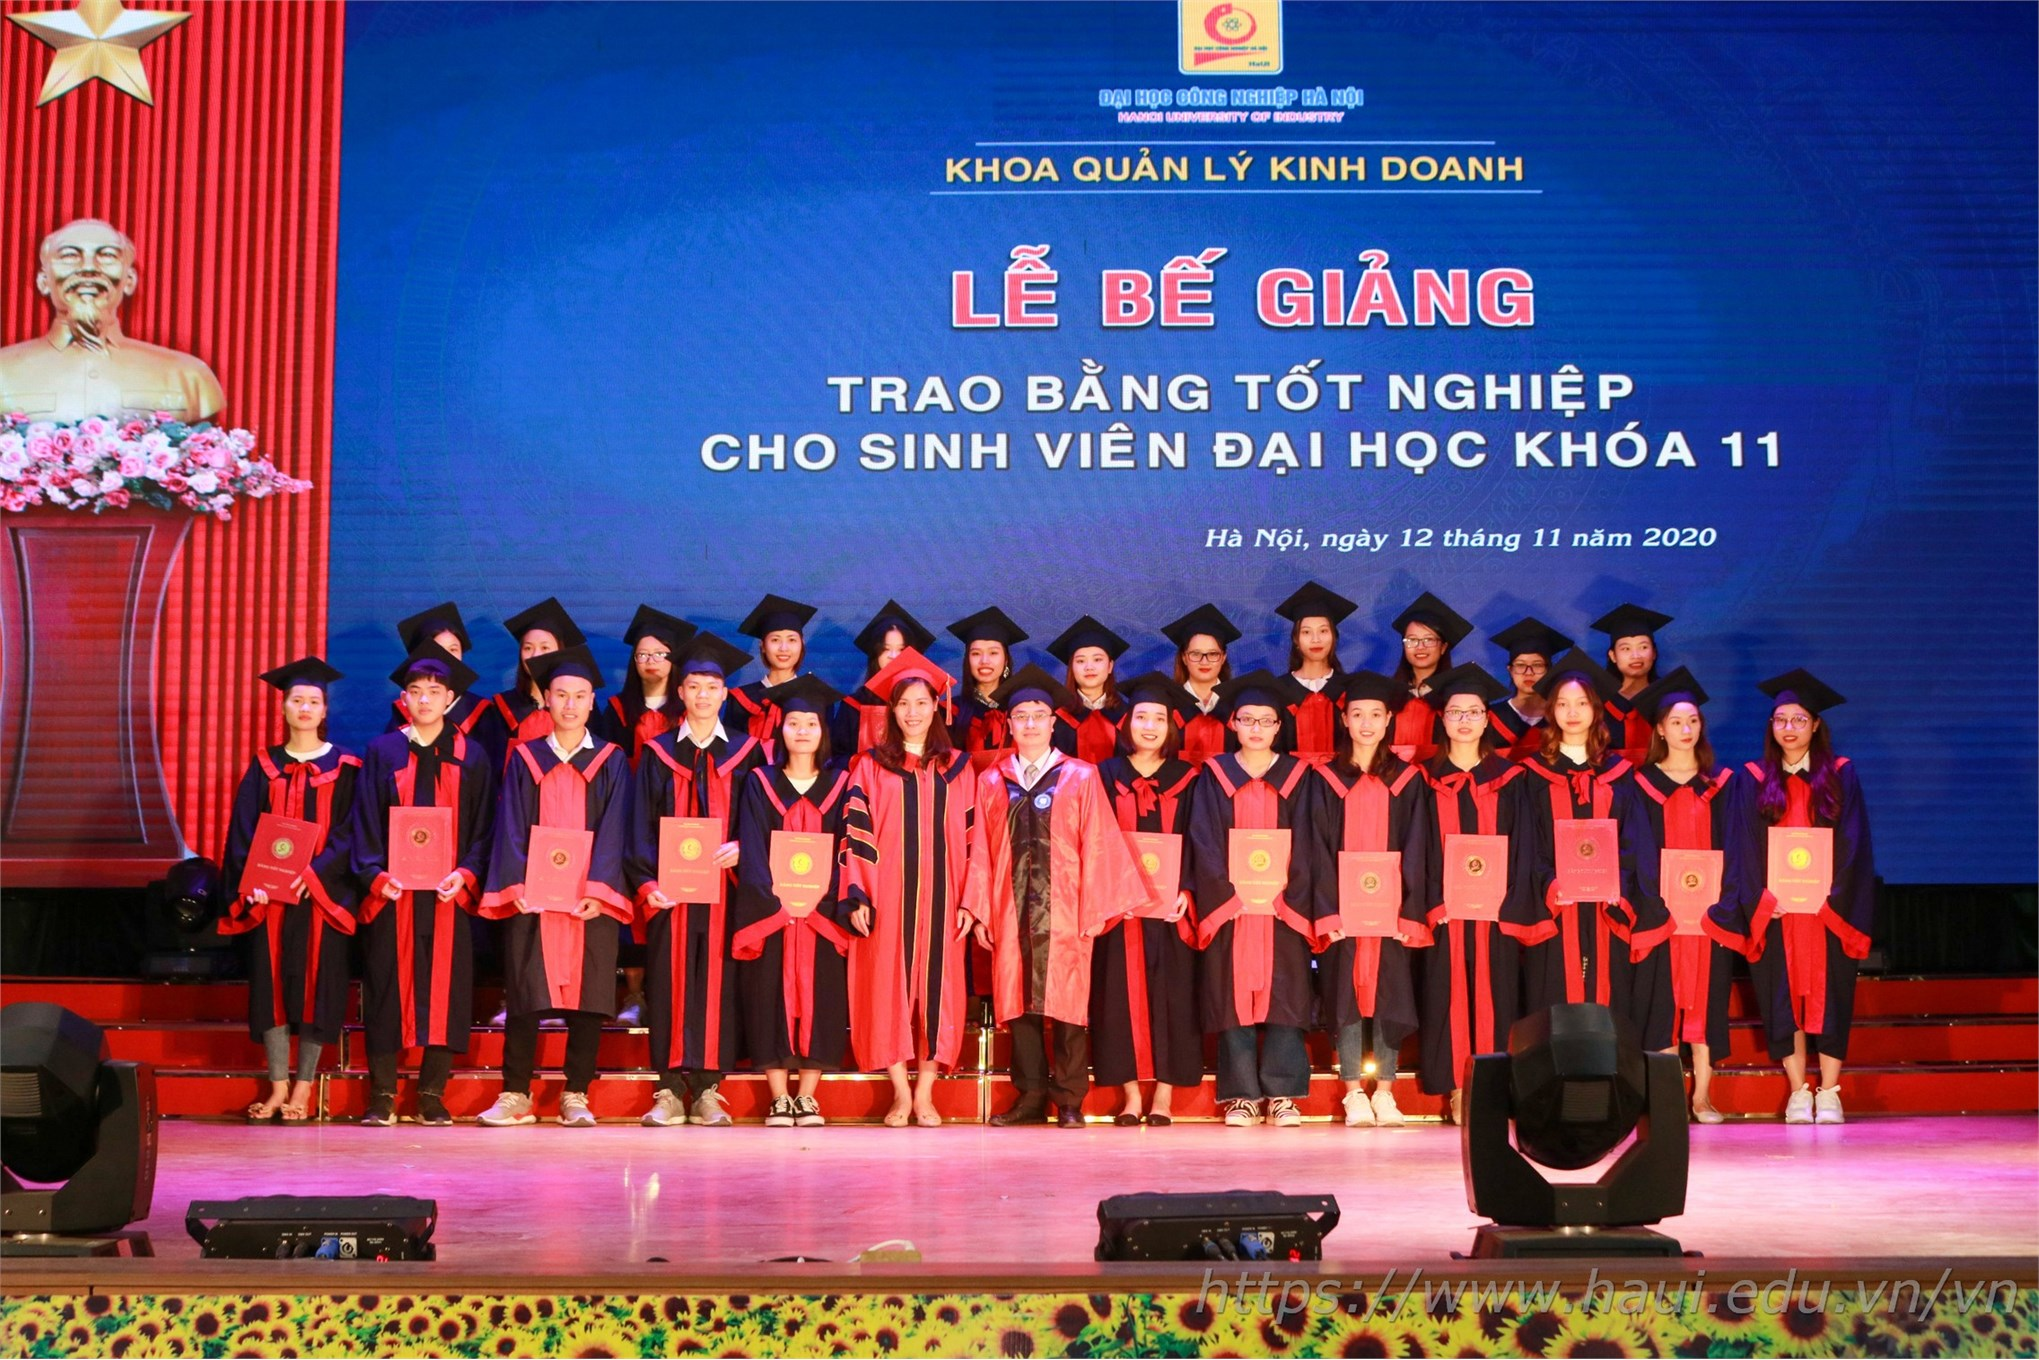 3455 tân cử nhân ĐHCNHN rạng rỡ ngày bế giảng và trao bằng tốt nghiệp